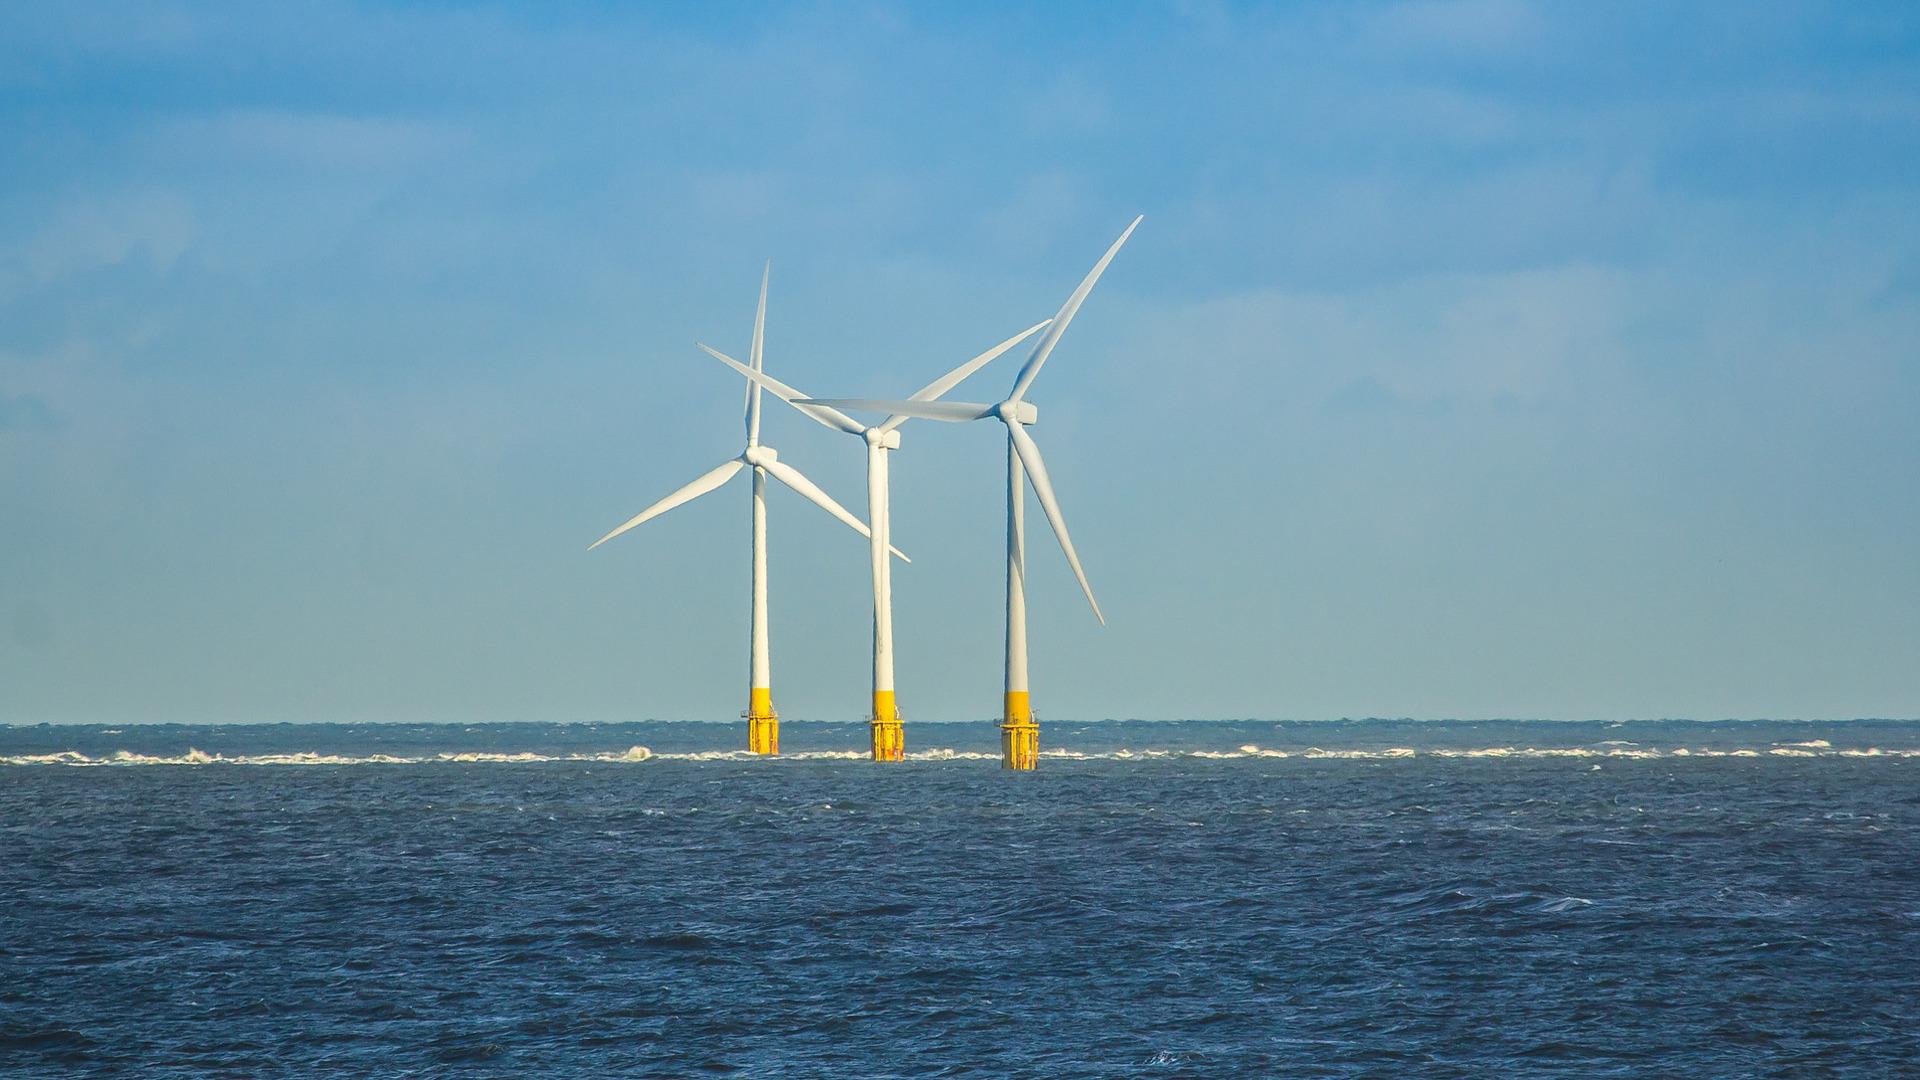 gran-bretana-cuenta-con-las-turbinas-eolicas-mas-grandes-del-mundo-1920